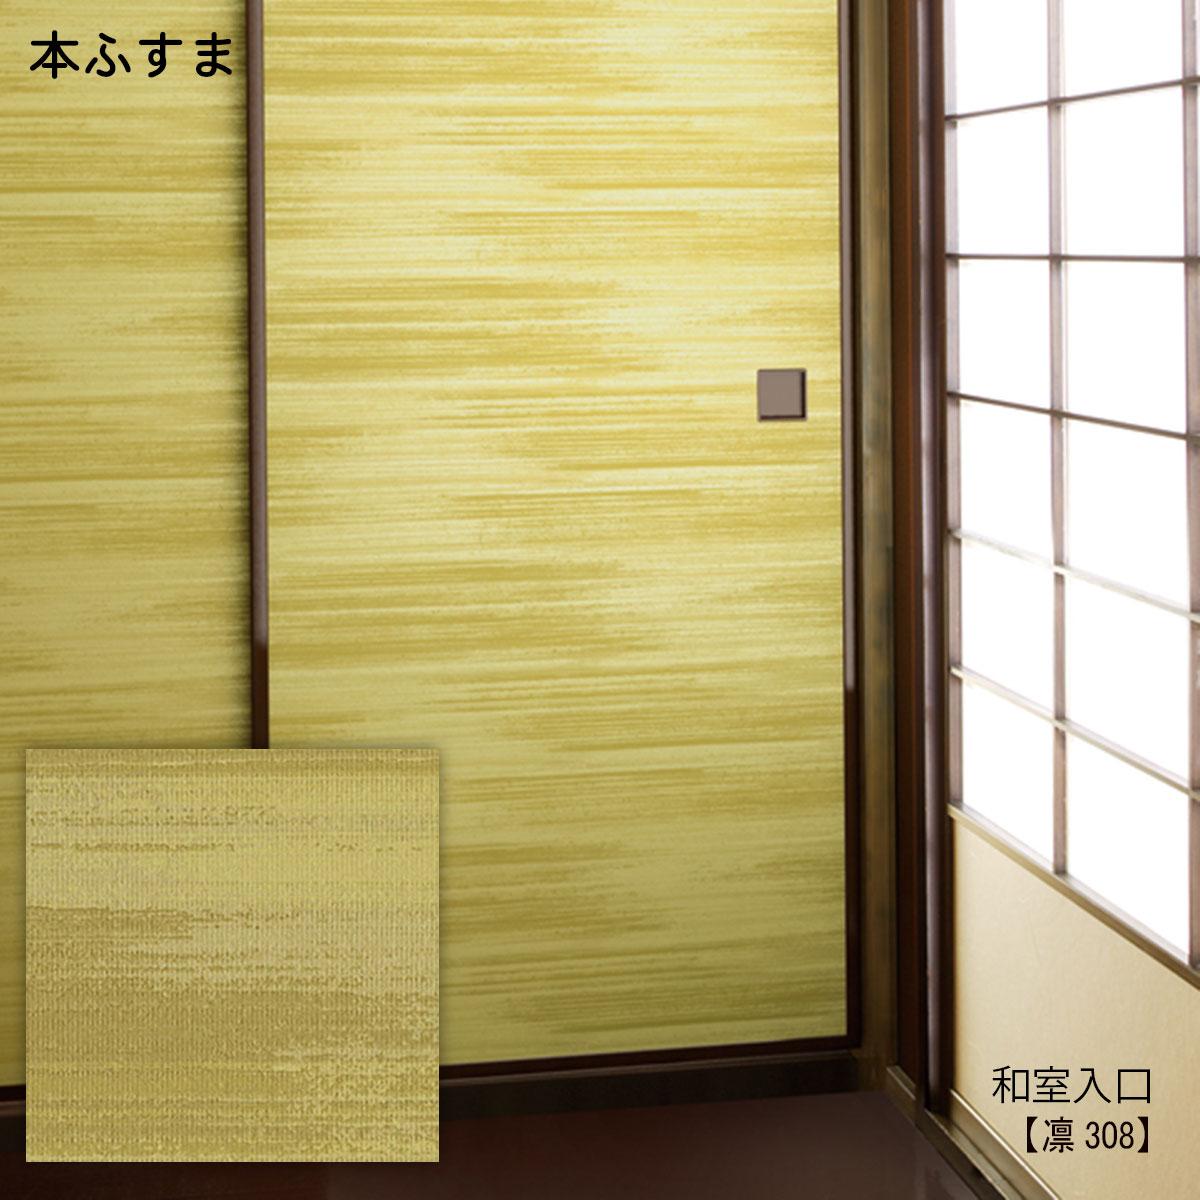 本ふすま 襖 和室入口 凛308 障子 H600 h1910mm ふすま